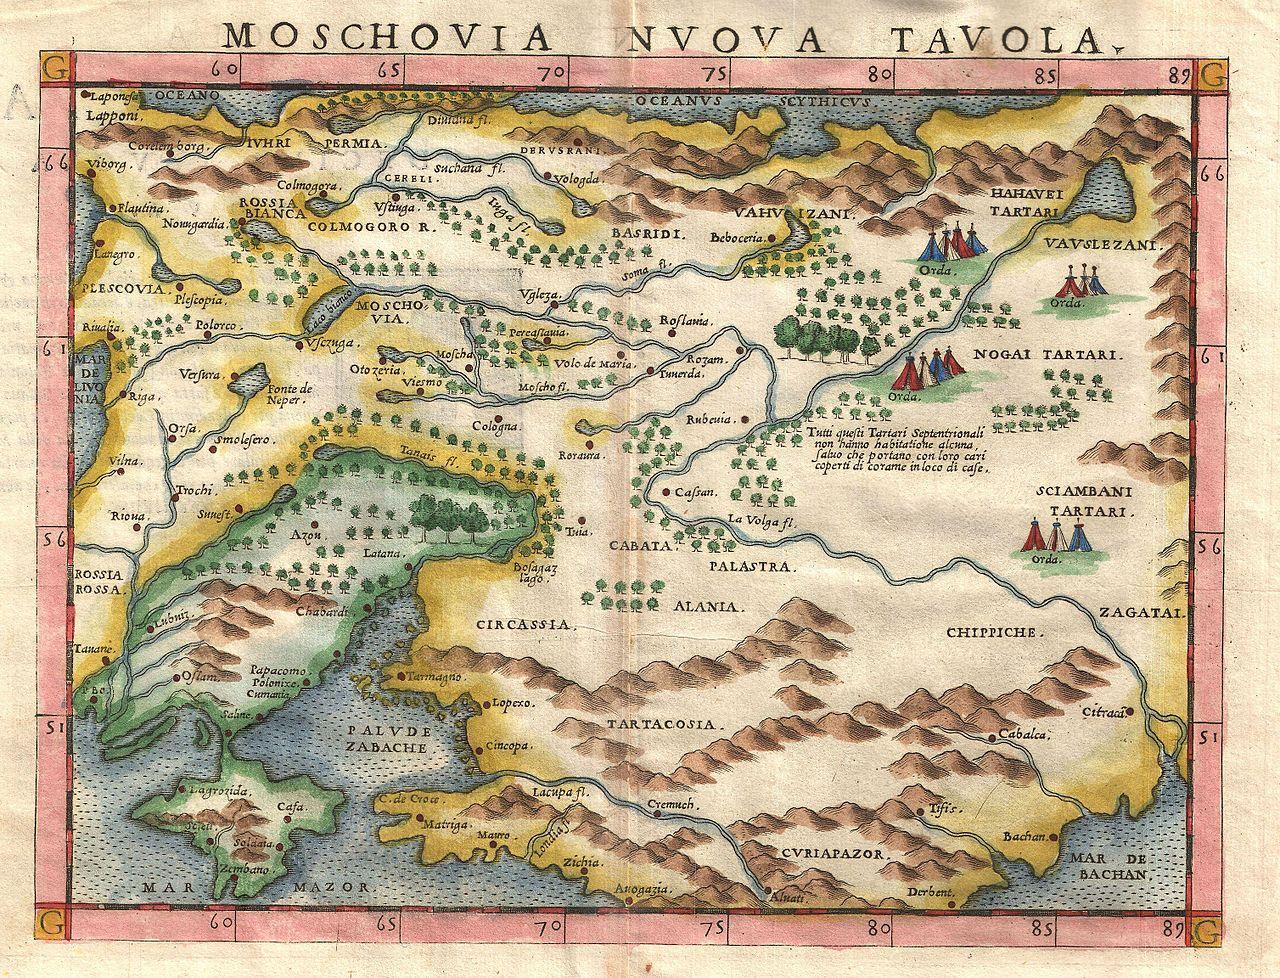 Un'antica mappa in una free foto trovata sul sito per immagini gratis Geographicus